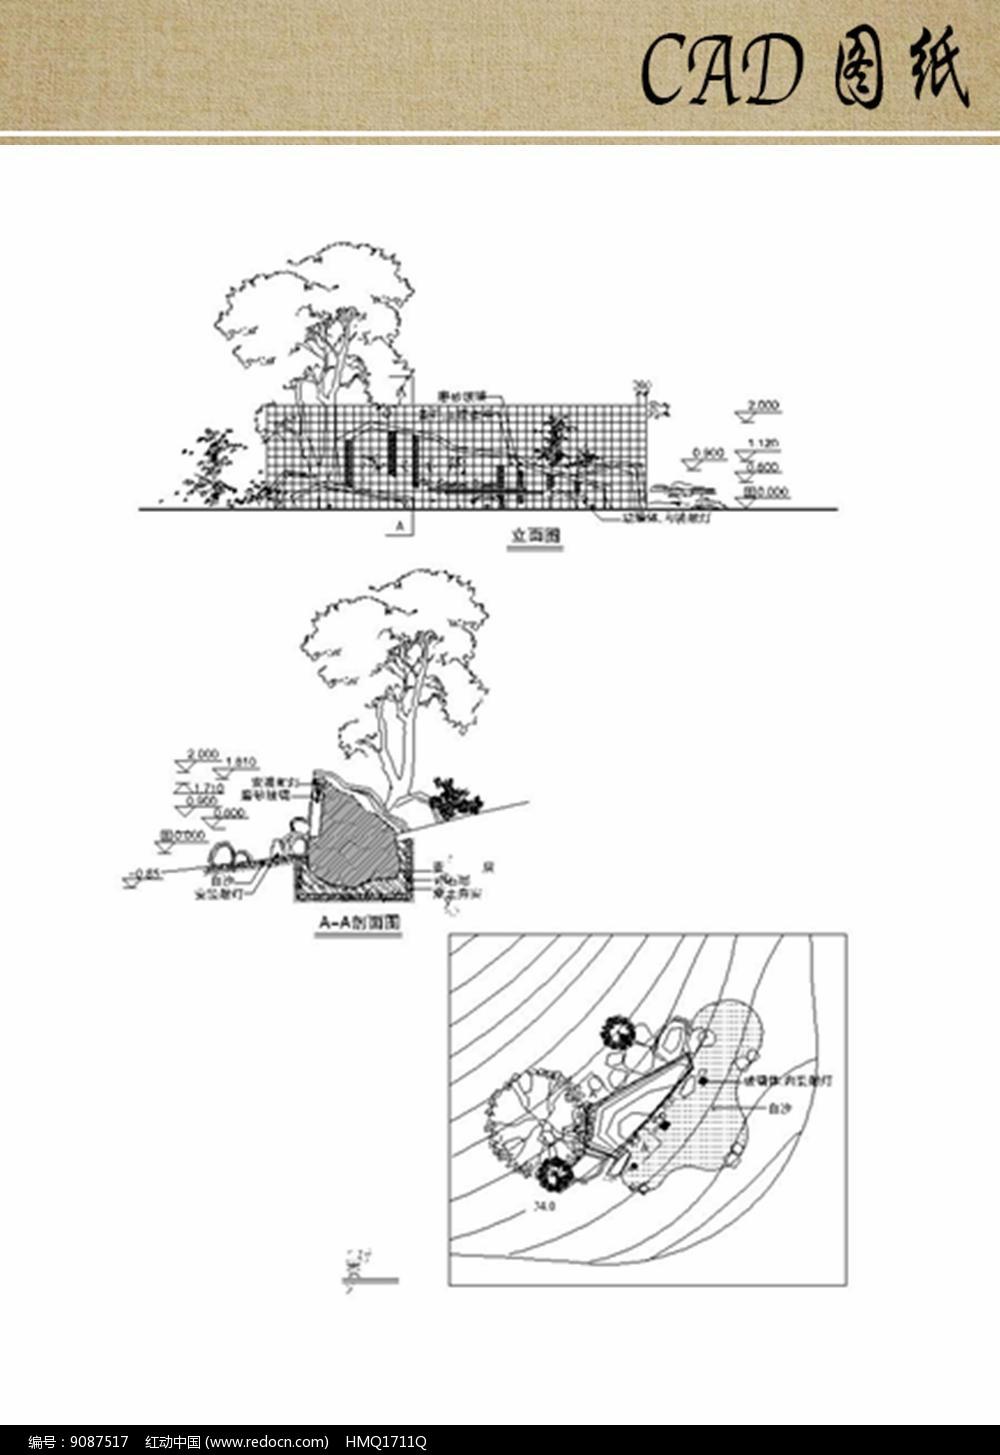 公园入口景墙CAD图片